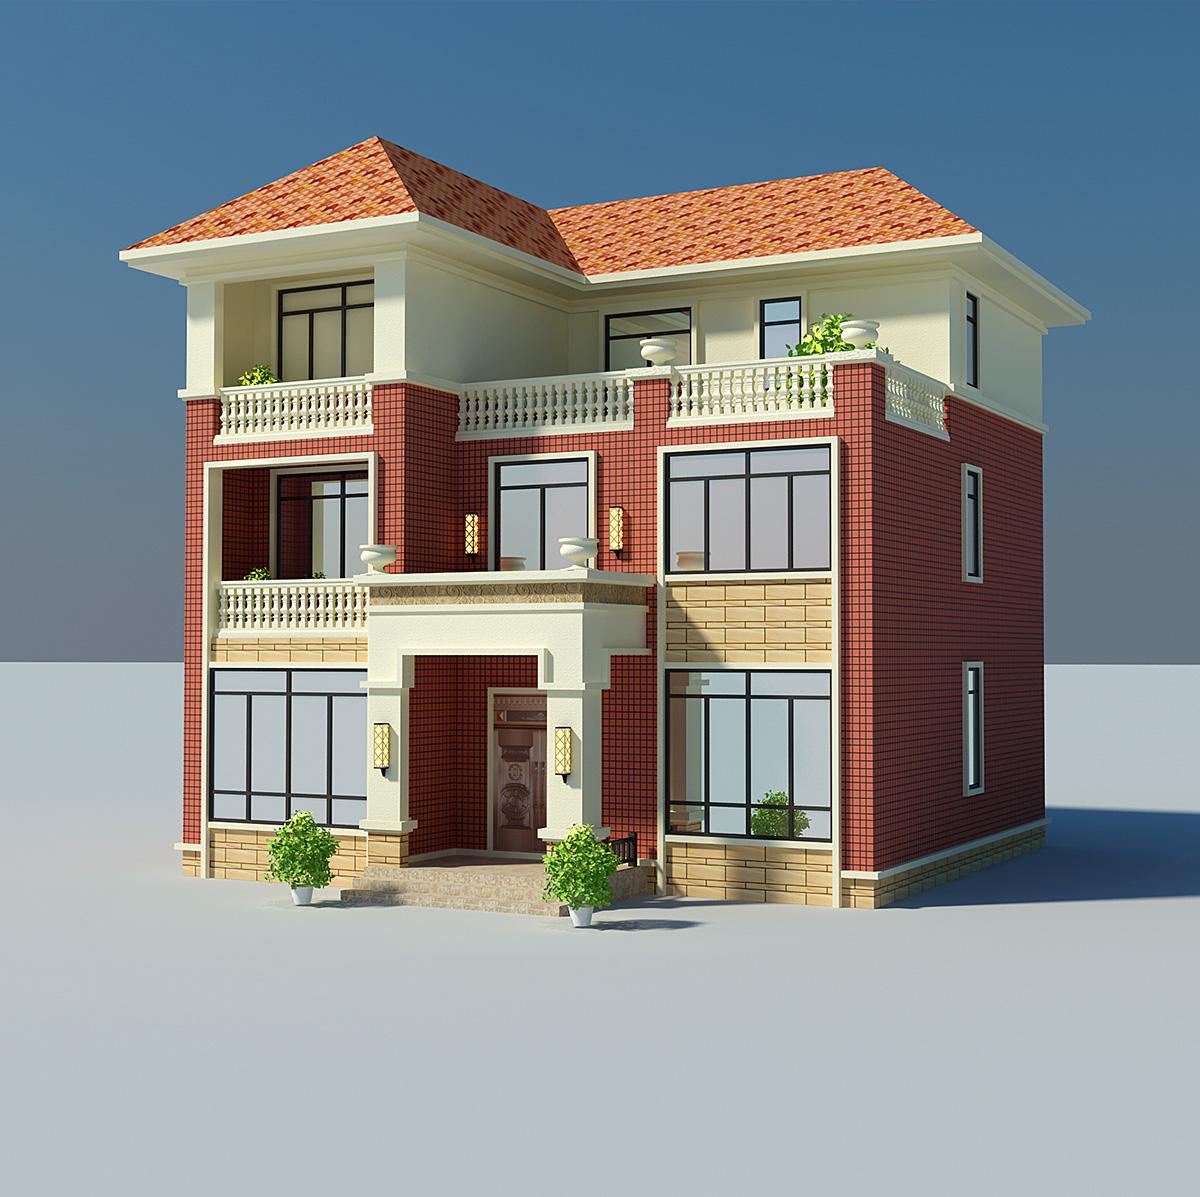 全套农村三层别墅设计图纸 欧式自建房屋施工图 小房子设计图